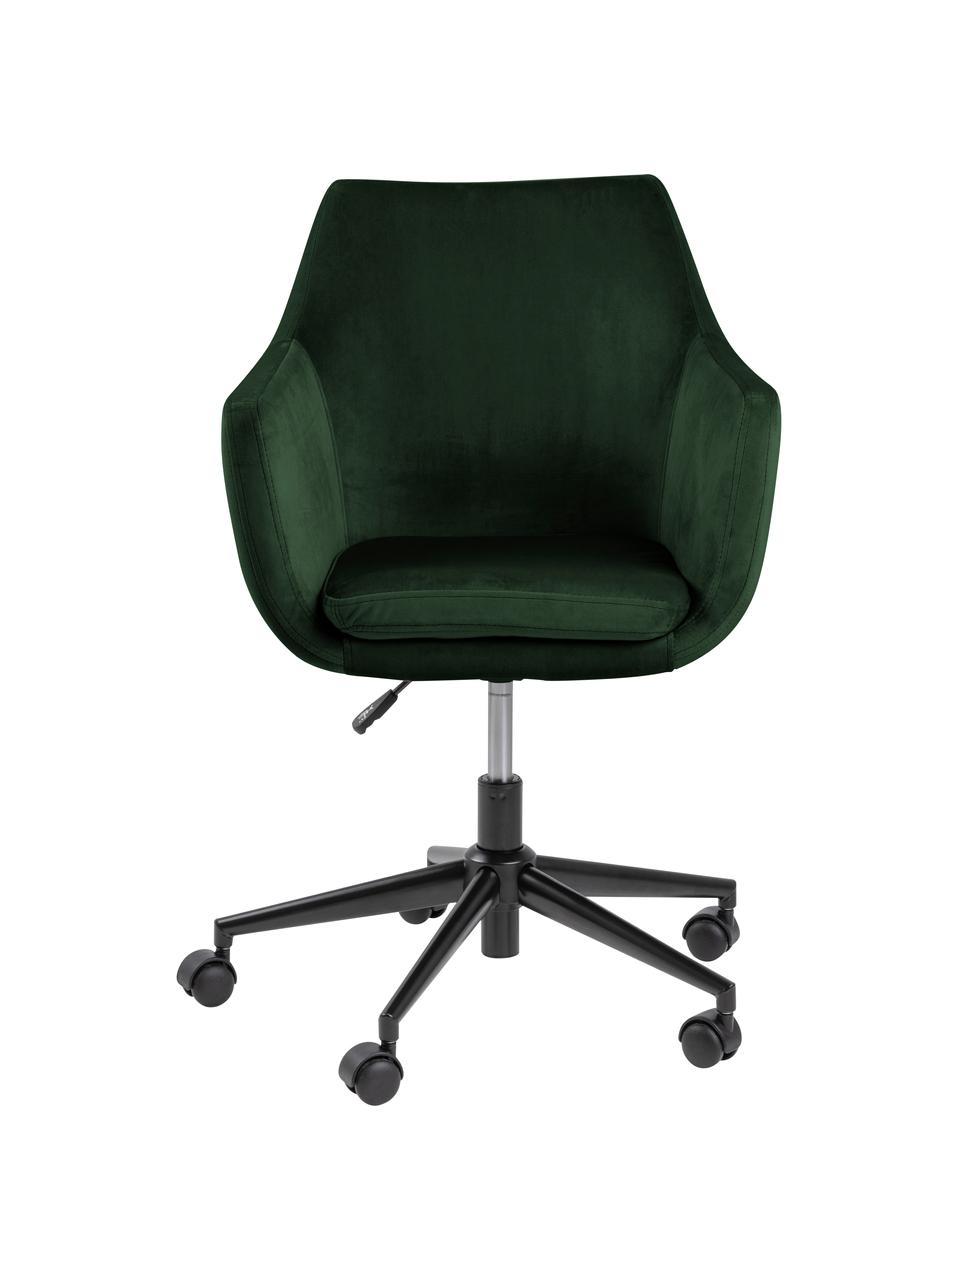 Krzesło biurowe z aksamitu Nora, obrotowe, Tapicerka: poliester (aksamit) 2500, Stelaż: metal malowany proszkowo, Aksamitny leśny zielony, S 58 x G 58 cm